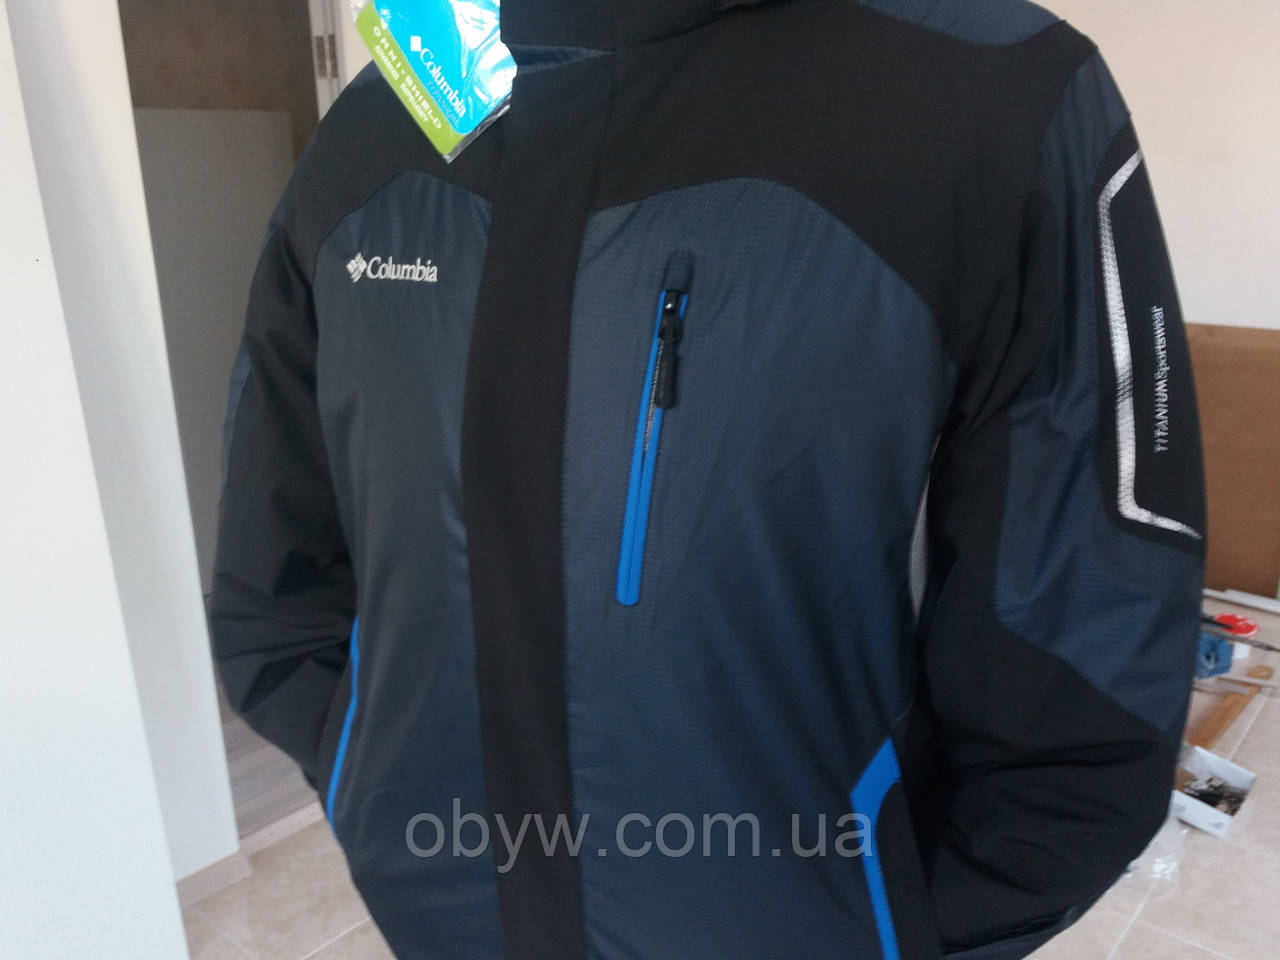 Горнолыжная мужская куртка calambia